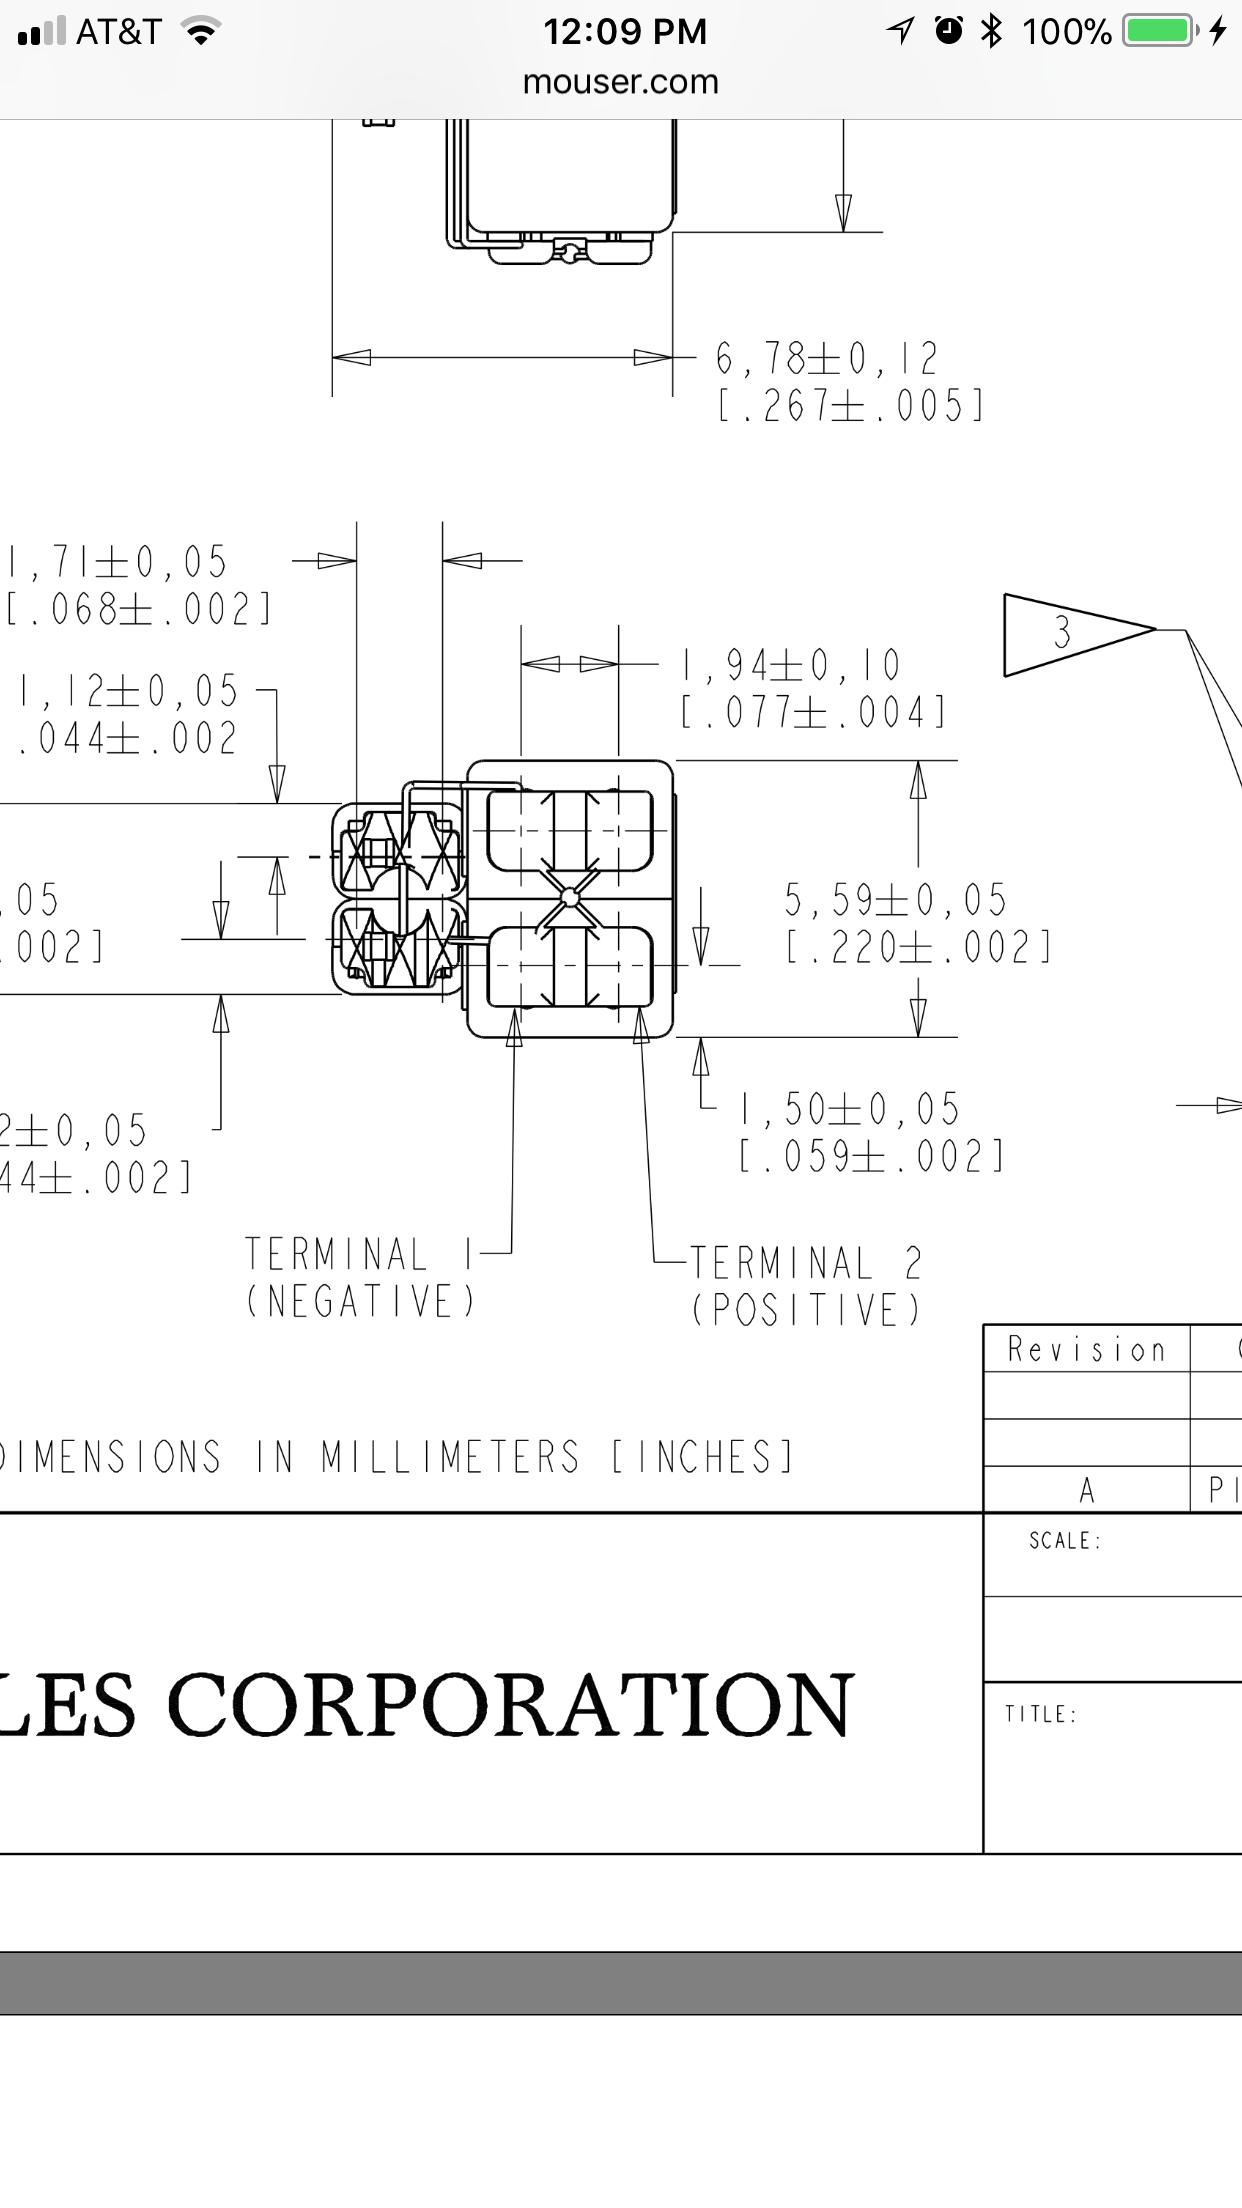 CC42102A-CDFB-4404-9703-4749D6F9A35C.png